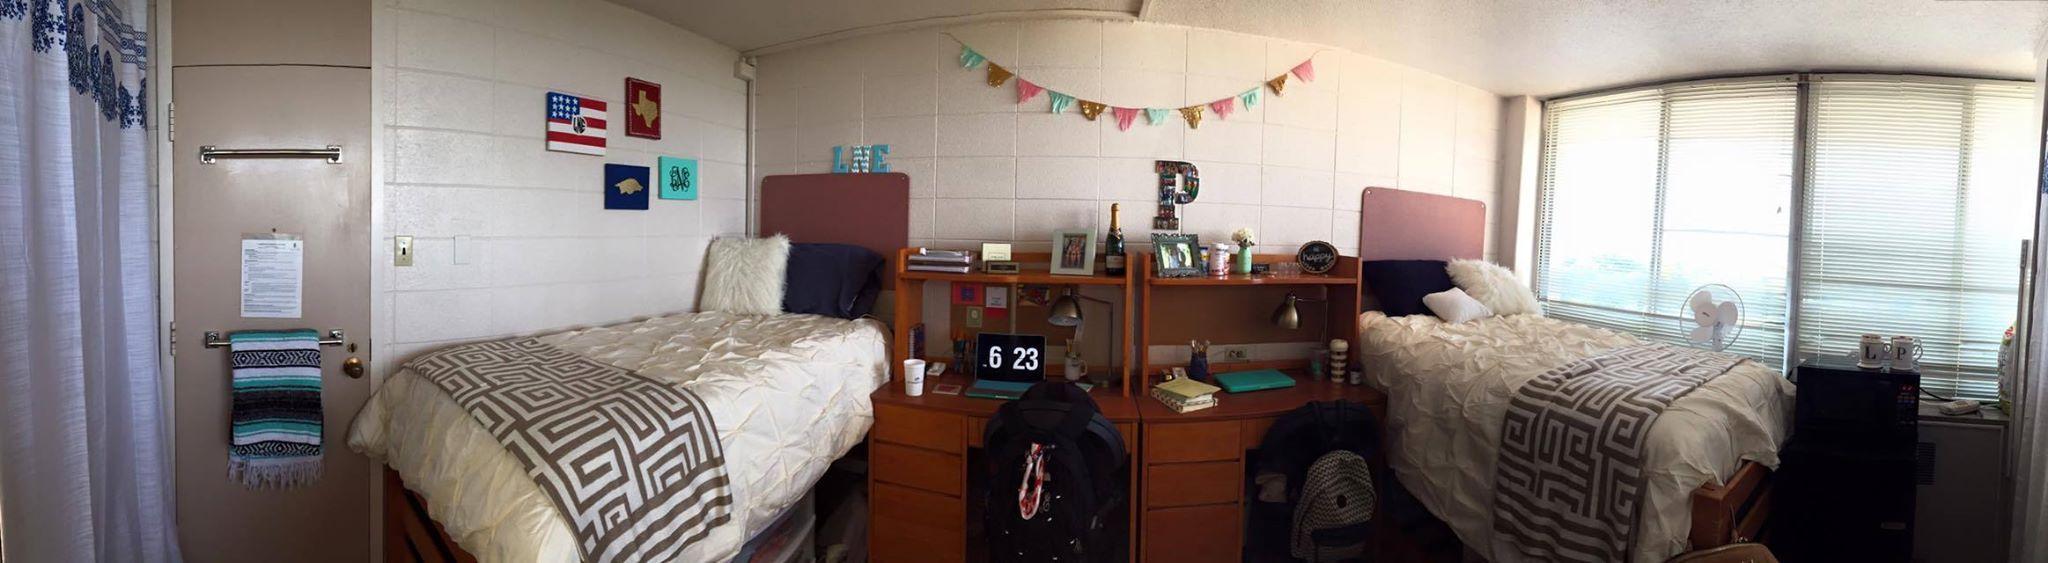 University Of Arkansas Reid Hall Wps Uark Dorm College Dorm Room Decor University Of Arkansas Dorm Inspiration